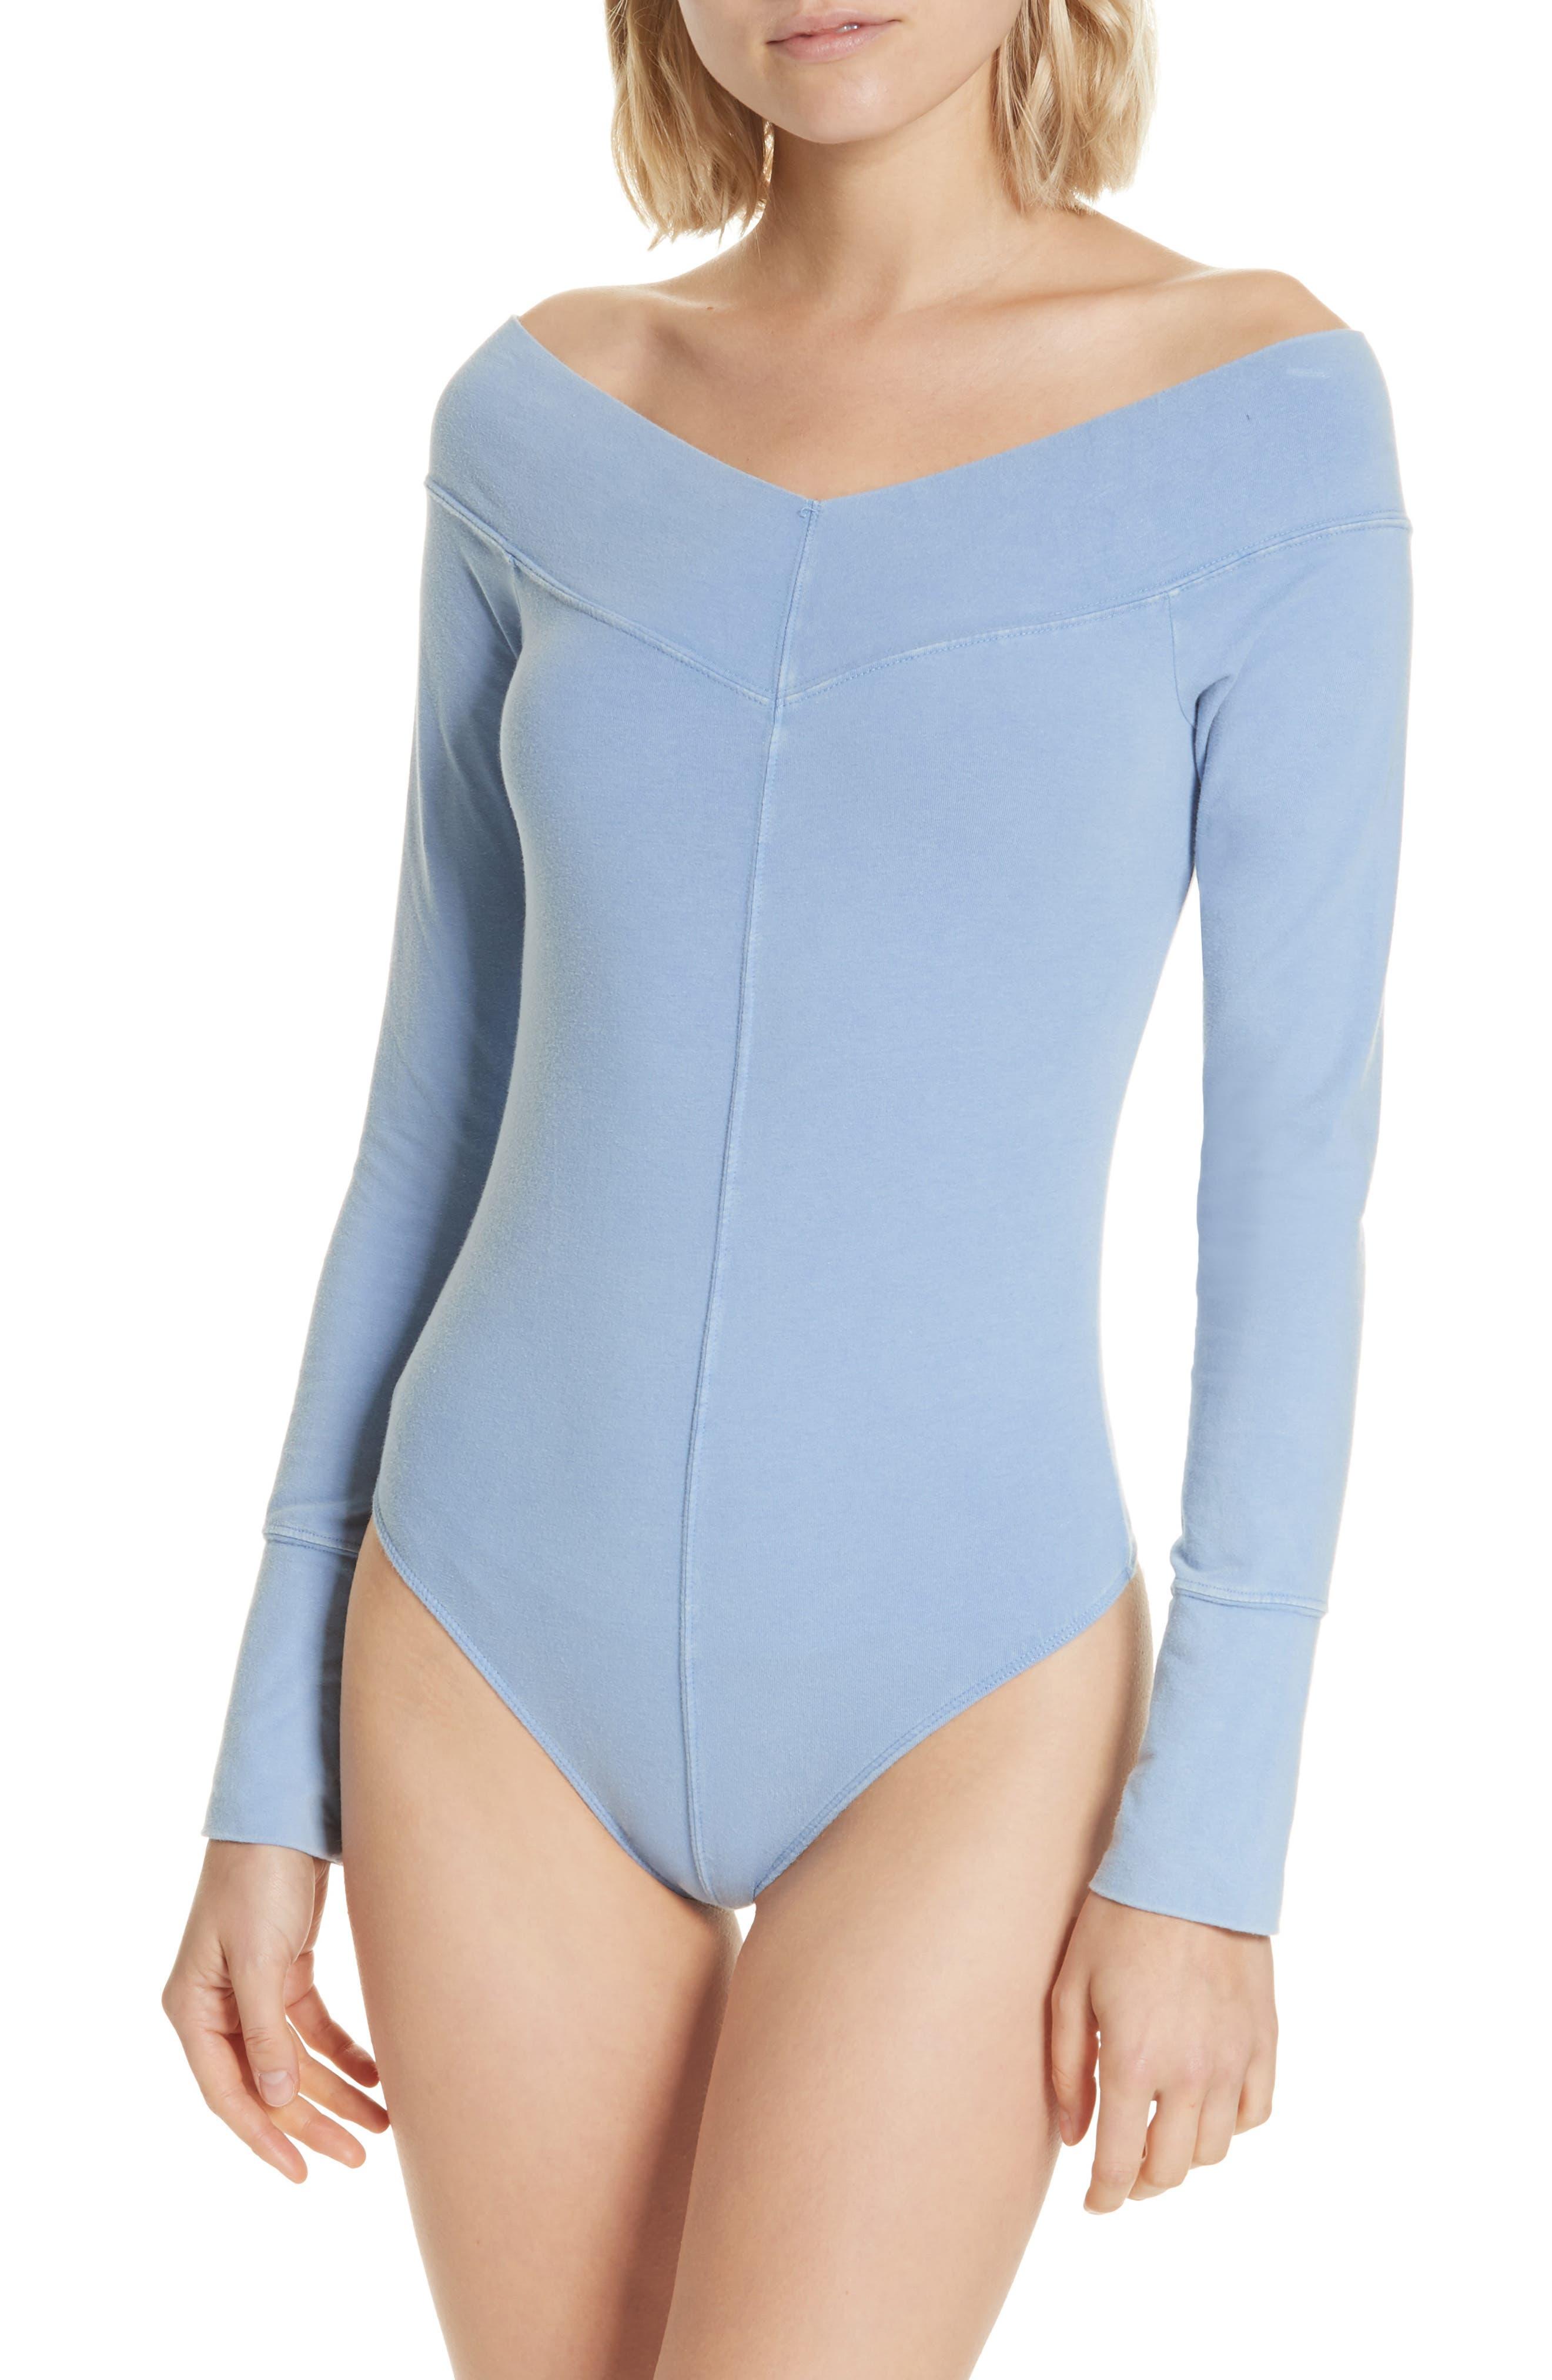 Zone Out Bodysuit,                             Alternate thumbnail 2, color,                             BLUE